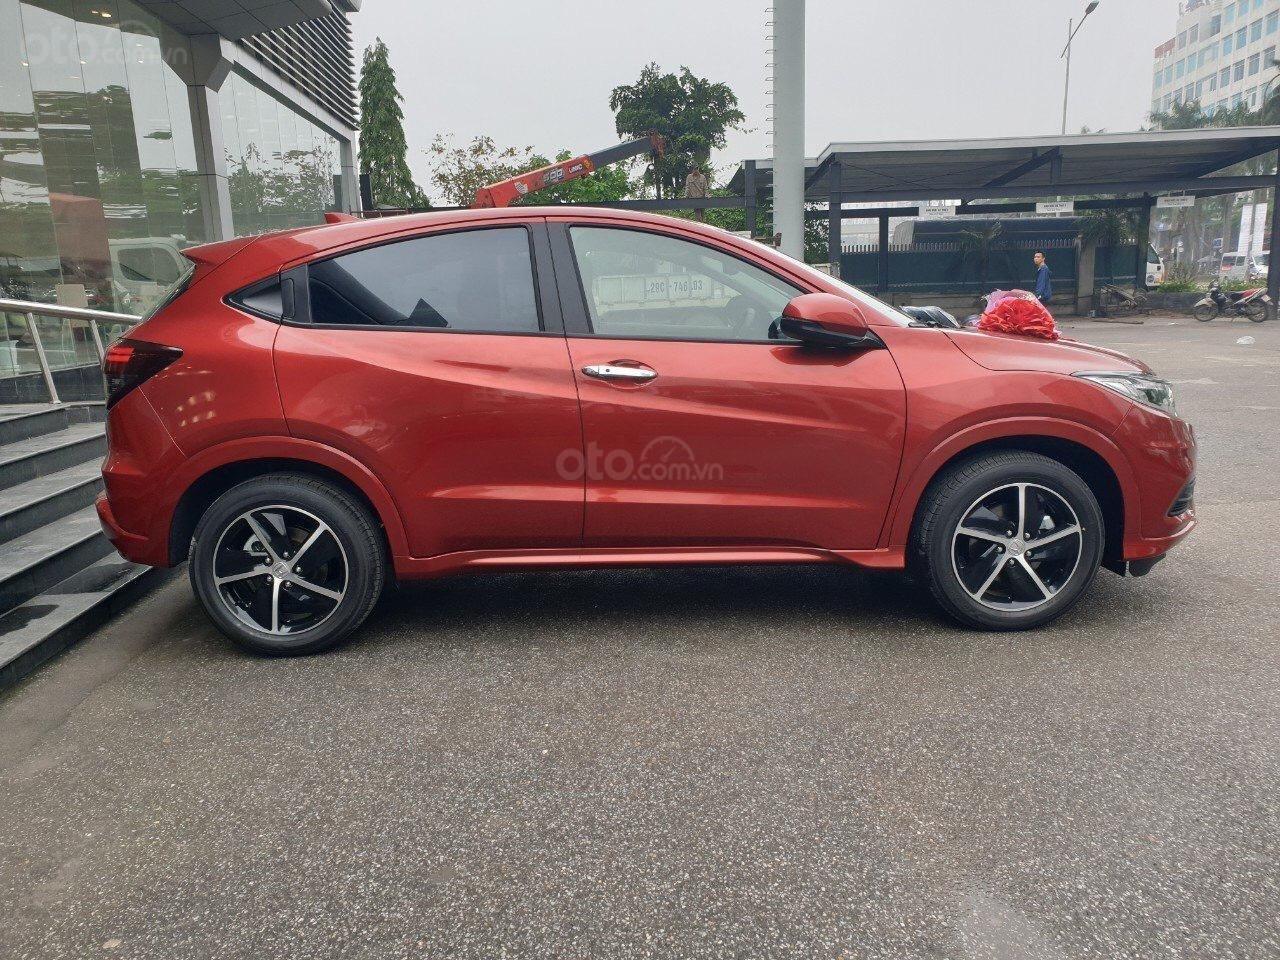 Honda HR-V 2019 nhập khẩu, giảm sốc 40tr, liên hệ ngay 0913966066 để nhận ưu đãi tốt nhất thị trường (5)